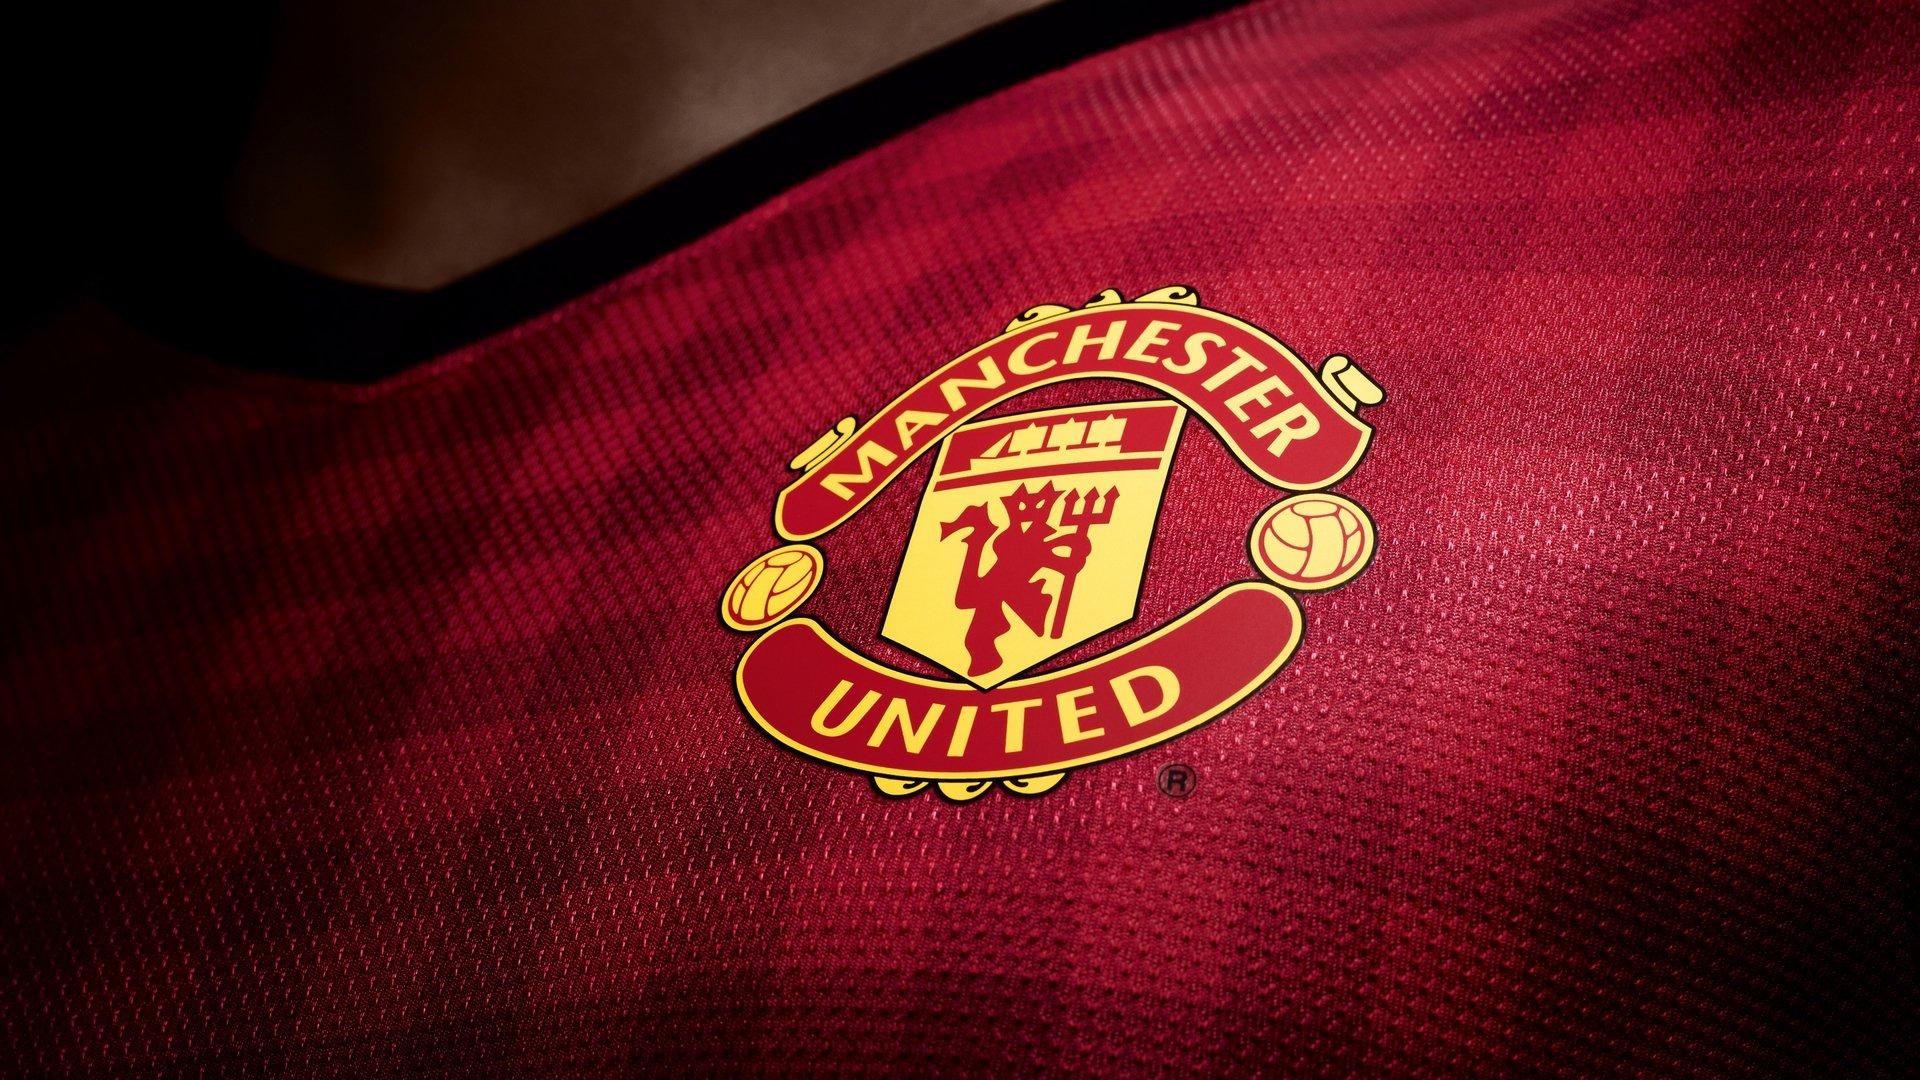 «Манчестер Юнайтед» признан самым дорогим футбольным клубом мира